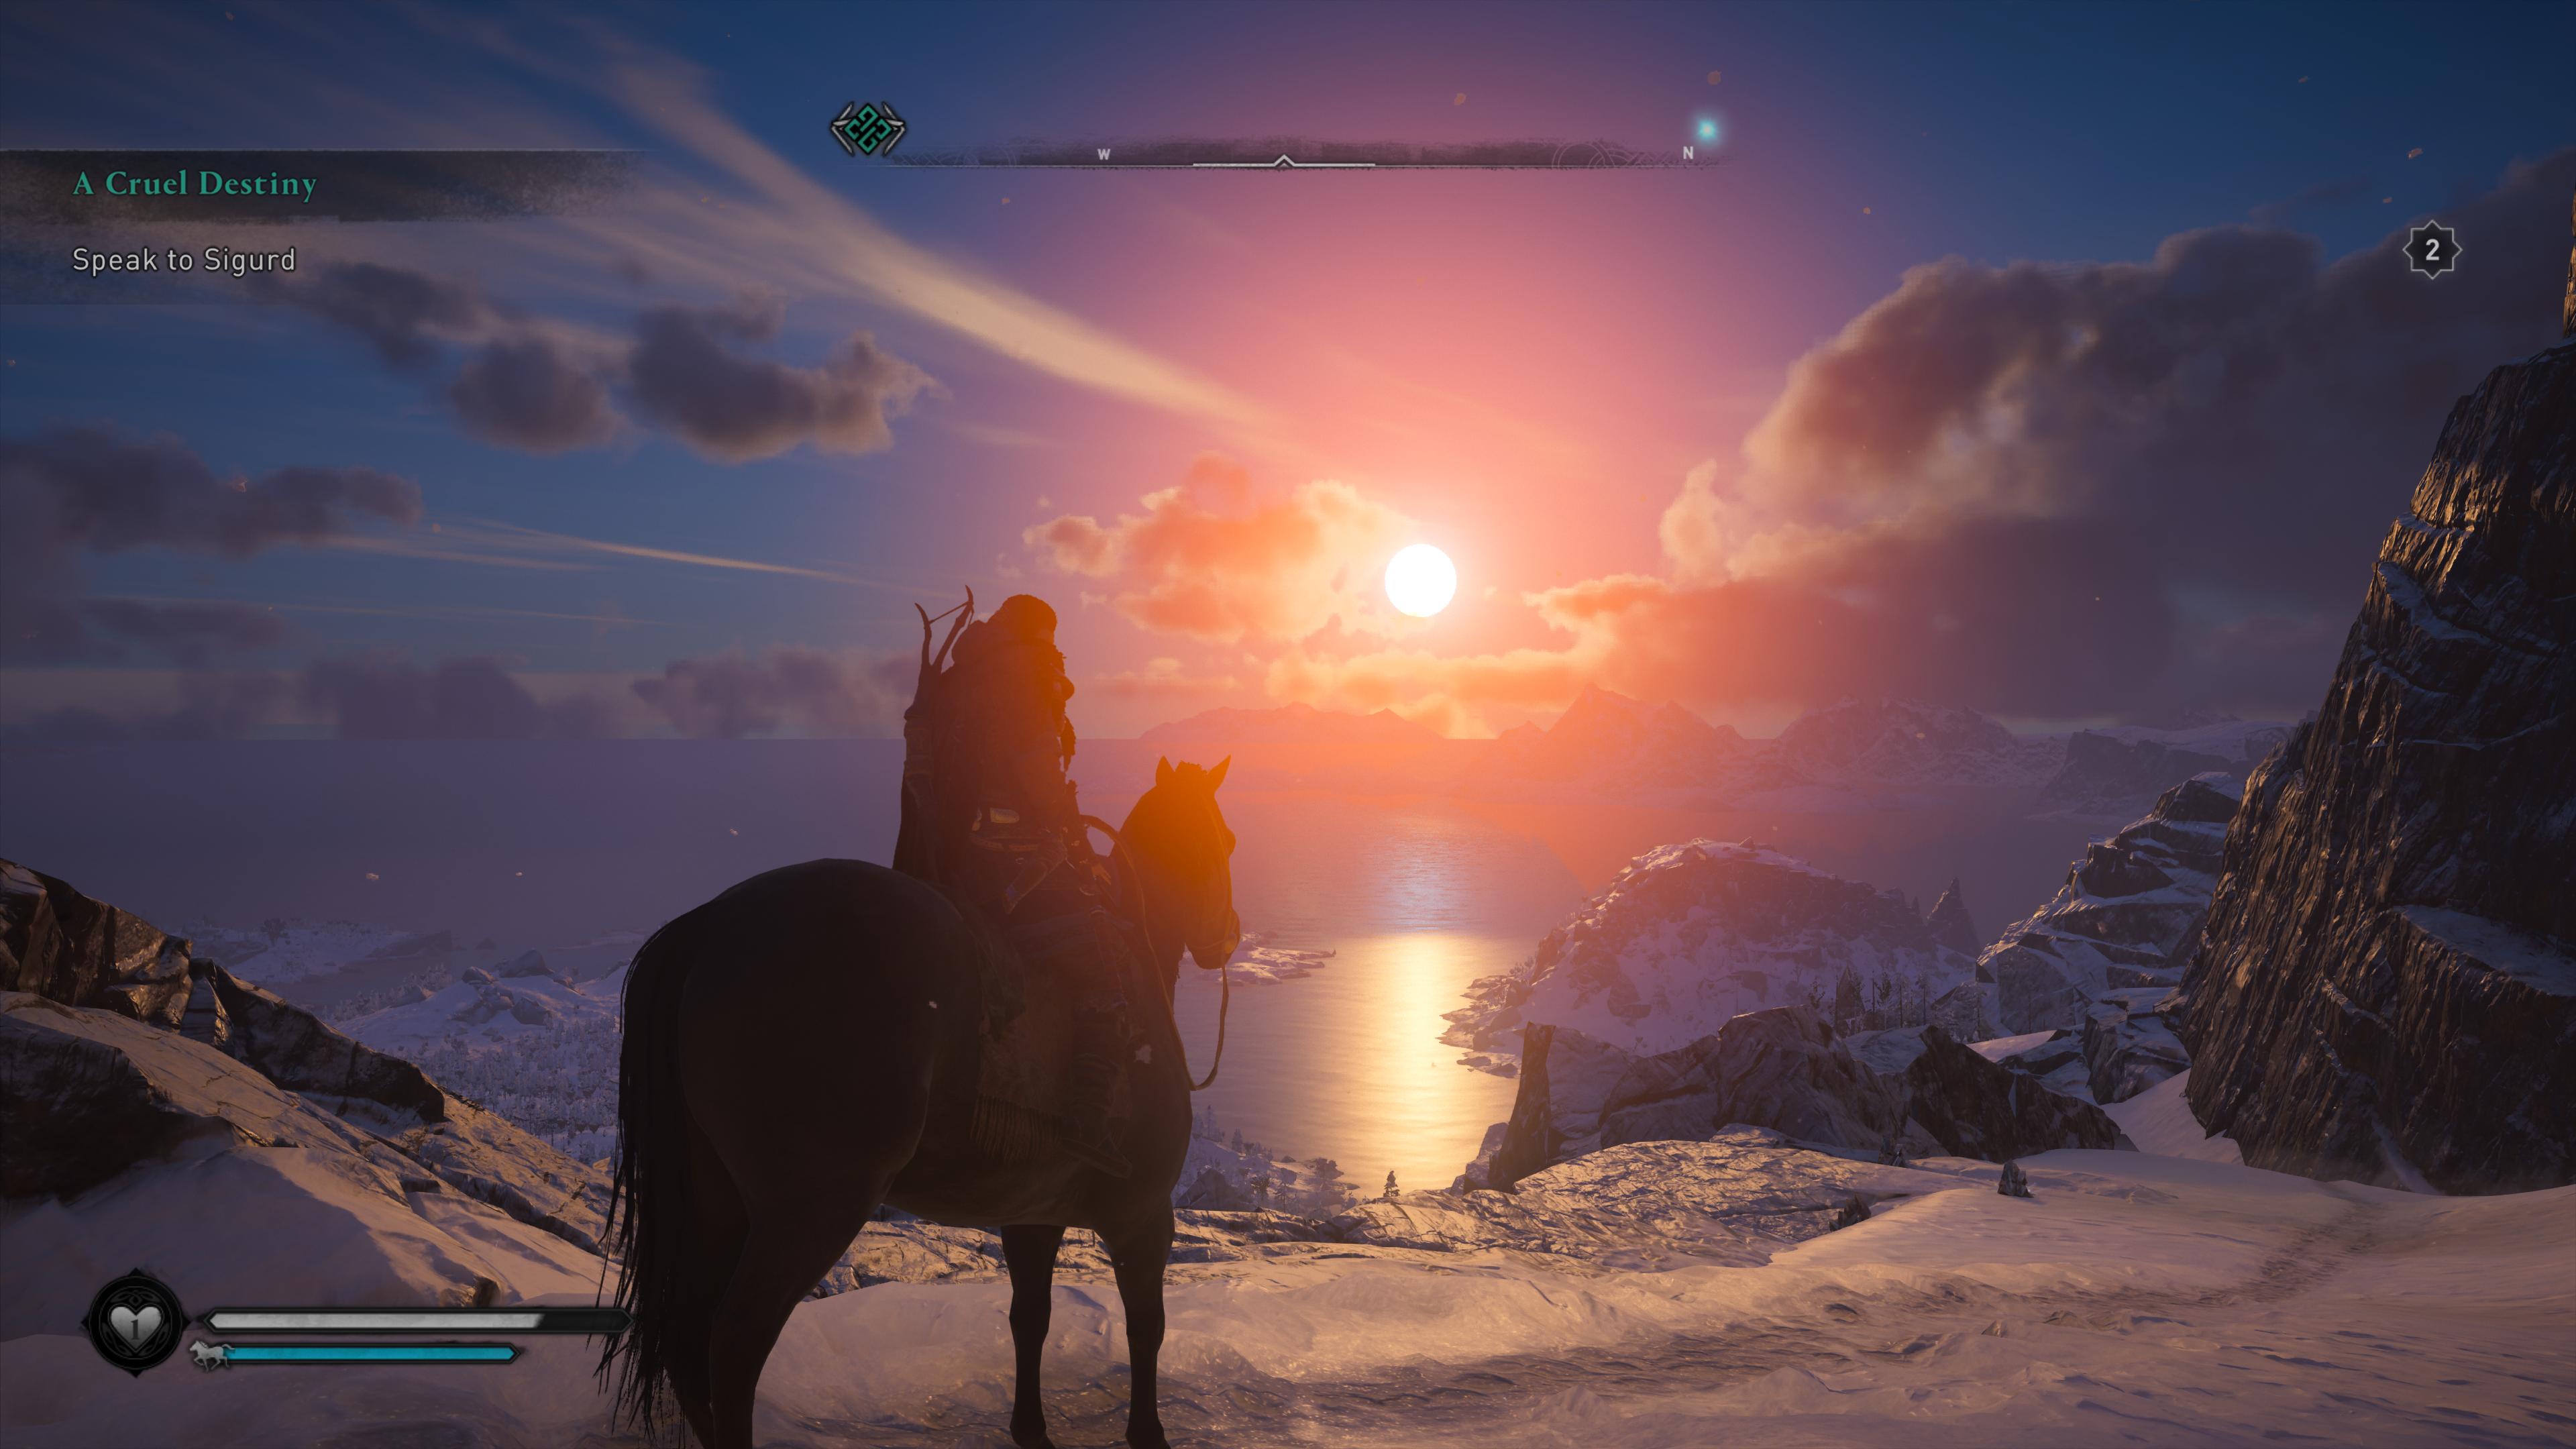 Le nouveau Assassin's Creed, Valhalla, bénéficie de la puissance de la Xbox Series X au niveau des effets visuels